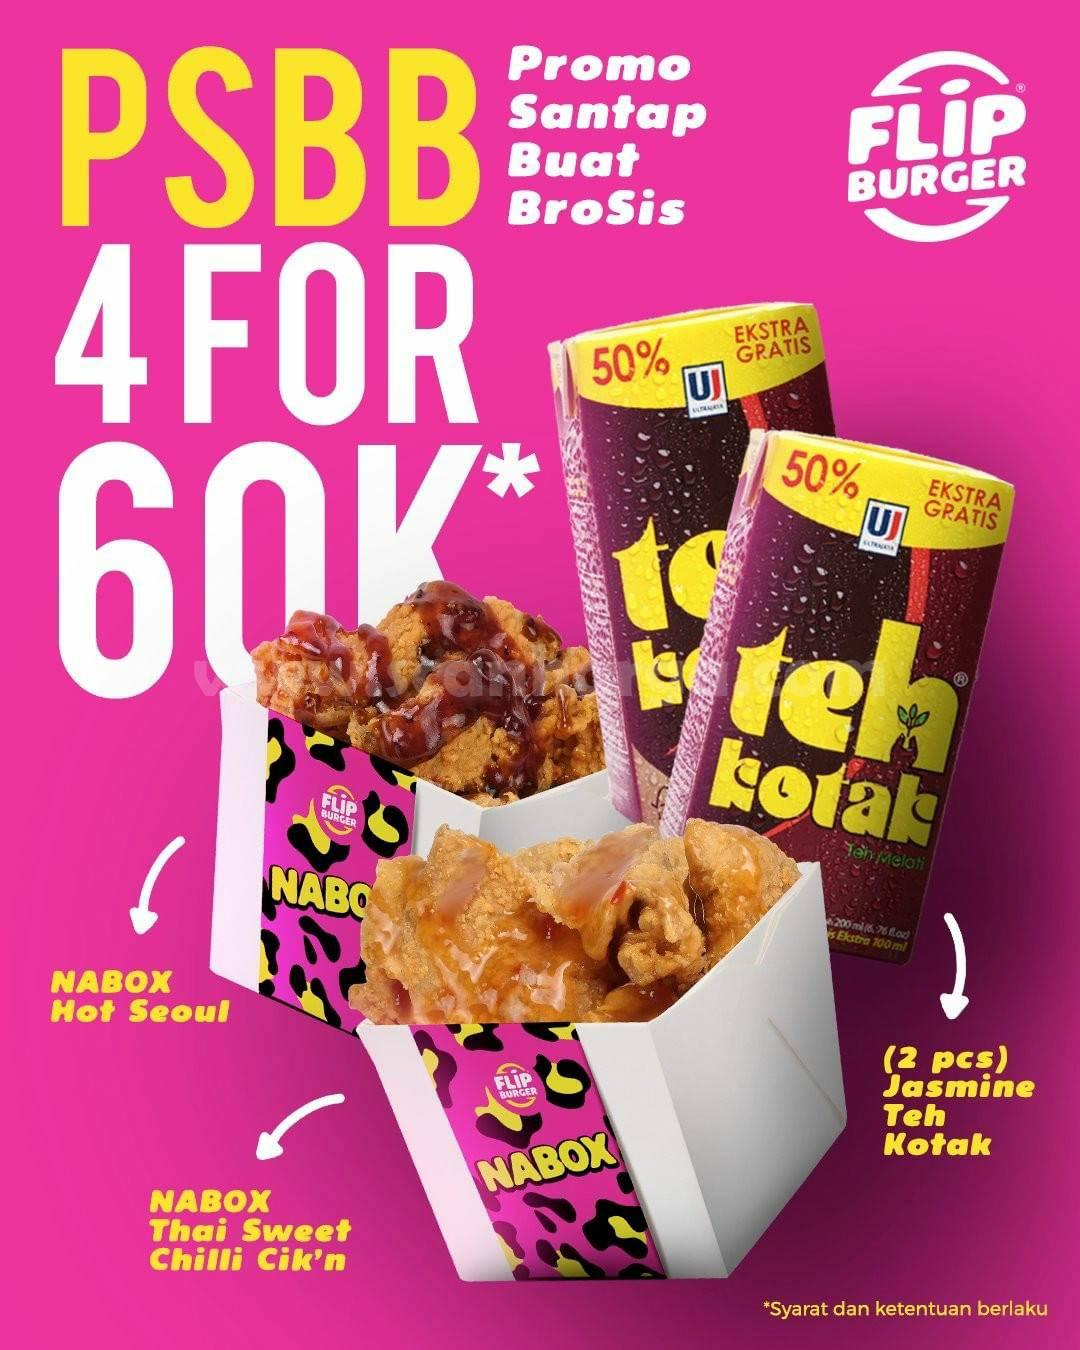 Flip Burger PSBB Promo Santap Buat Brosis 4 For 60K*